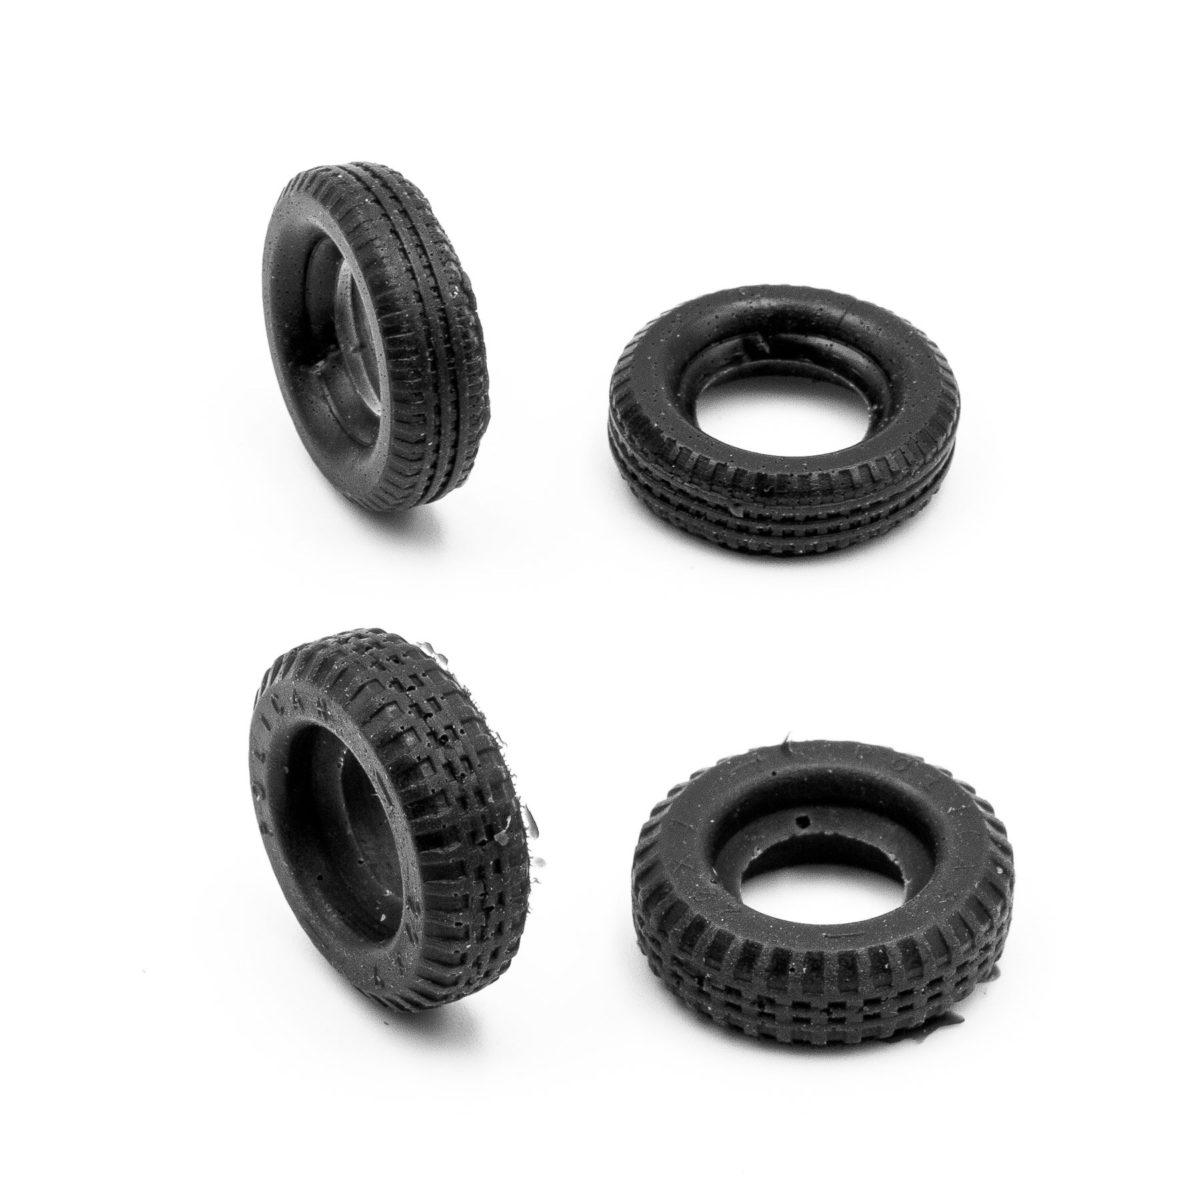 Set of 4 Tires for Policar Ford - Ferrari 1:32